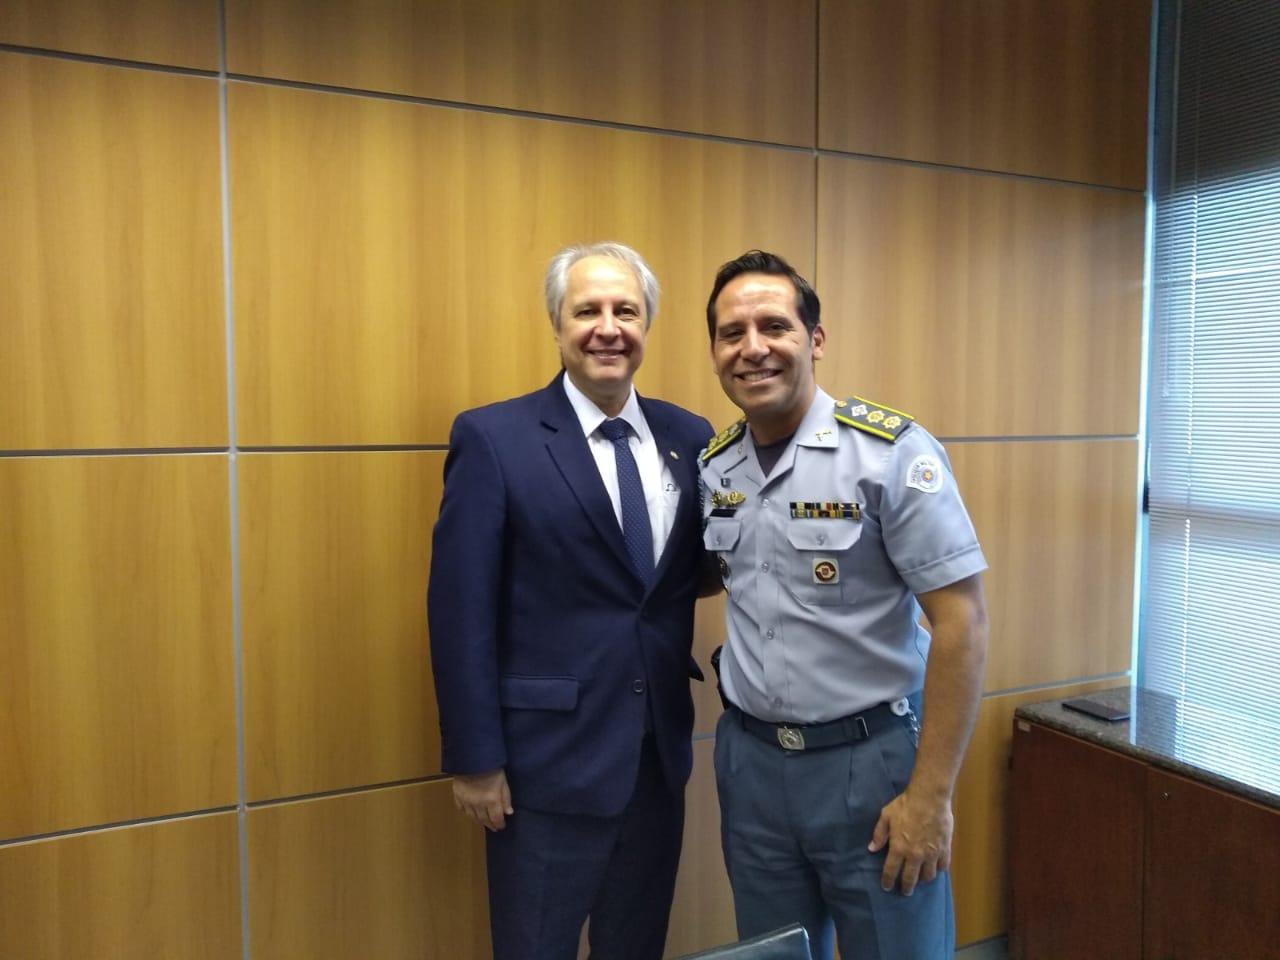 Subsecretário da Casa Militar realiza visita ao Procurador-Chefe do Ministério Público do Trabalho da 2ª Região